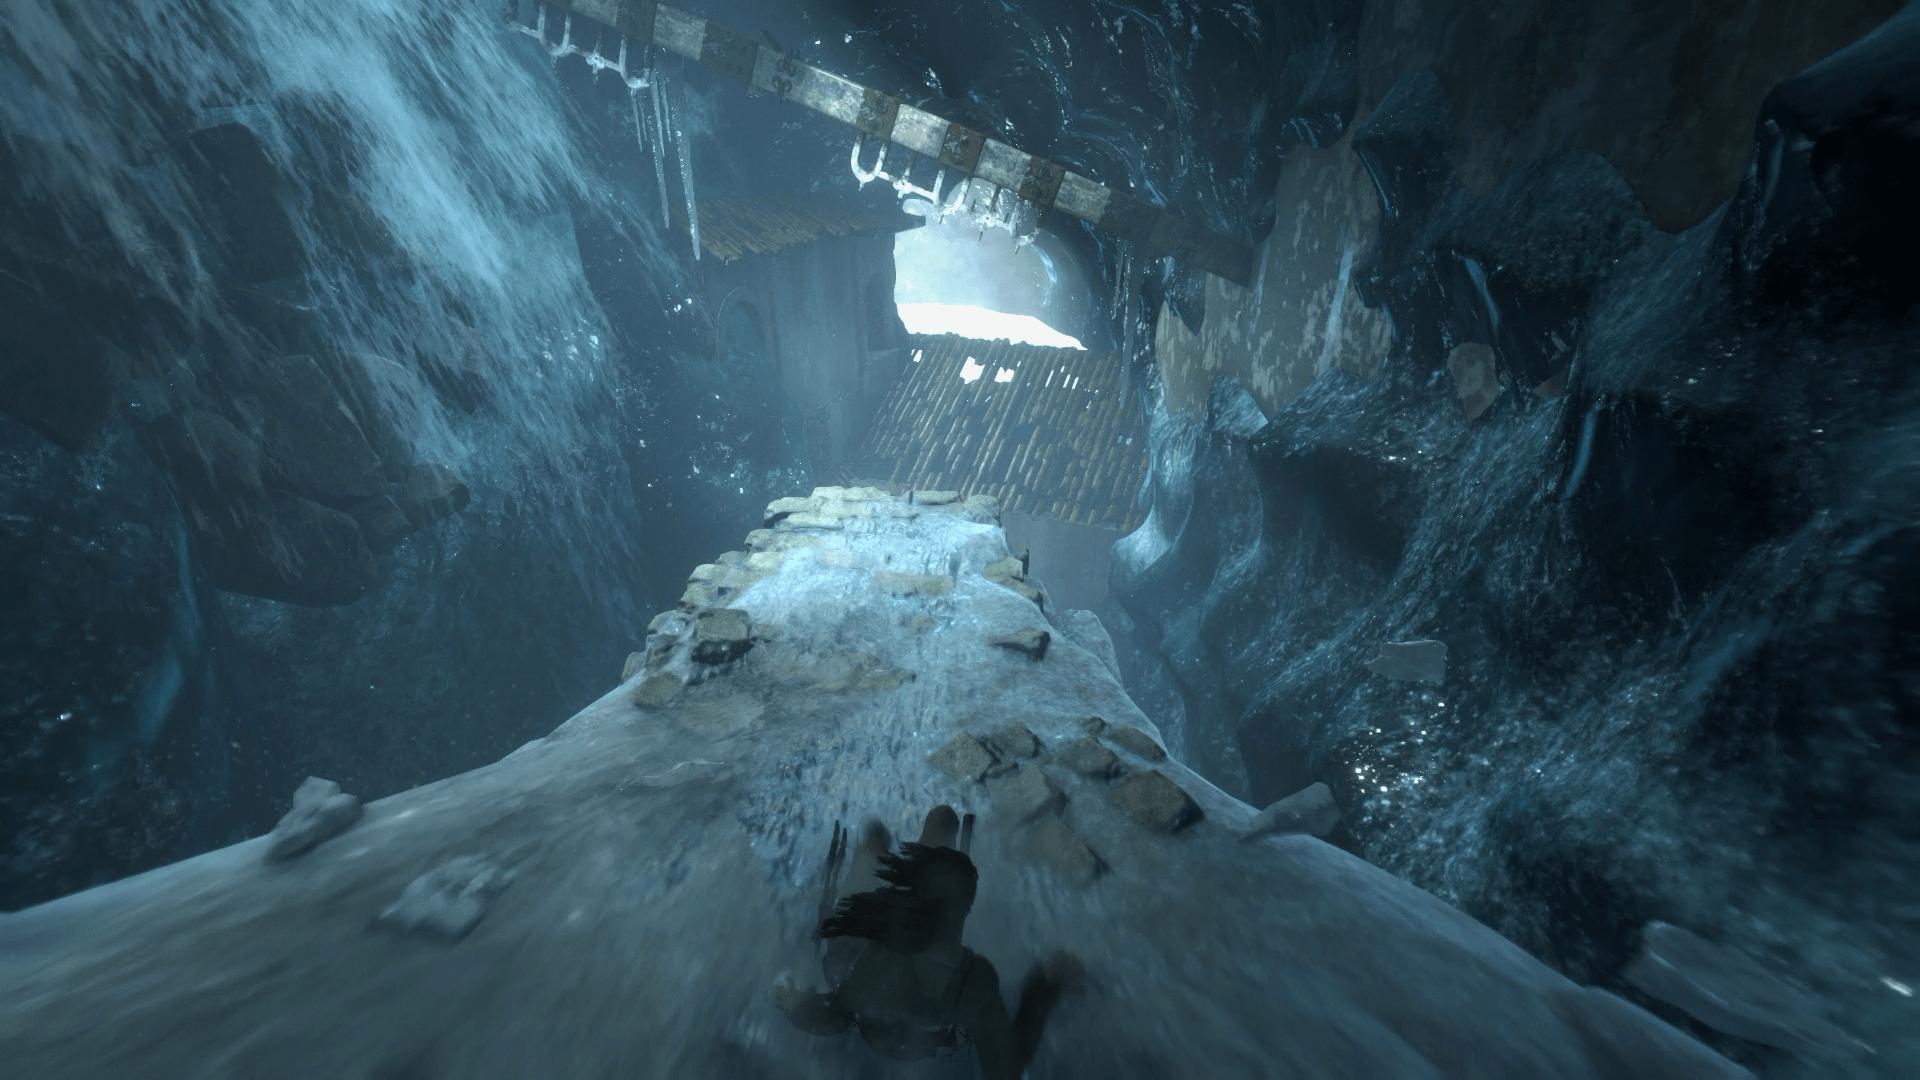 라이즈 오브 더 툼레이더 공략 - 빙하를 지나